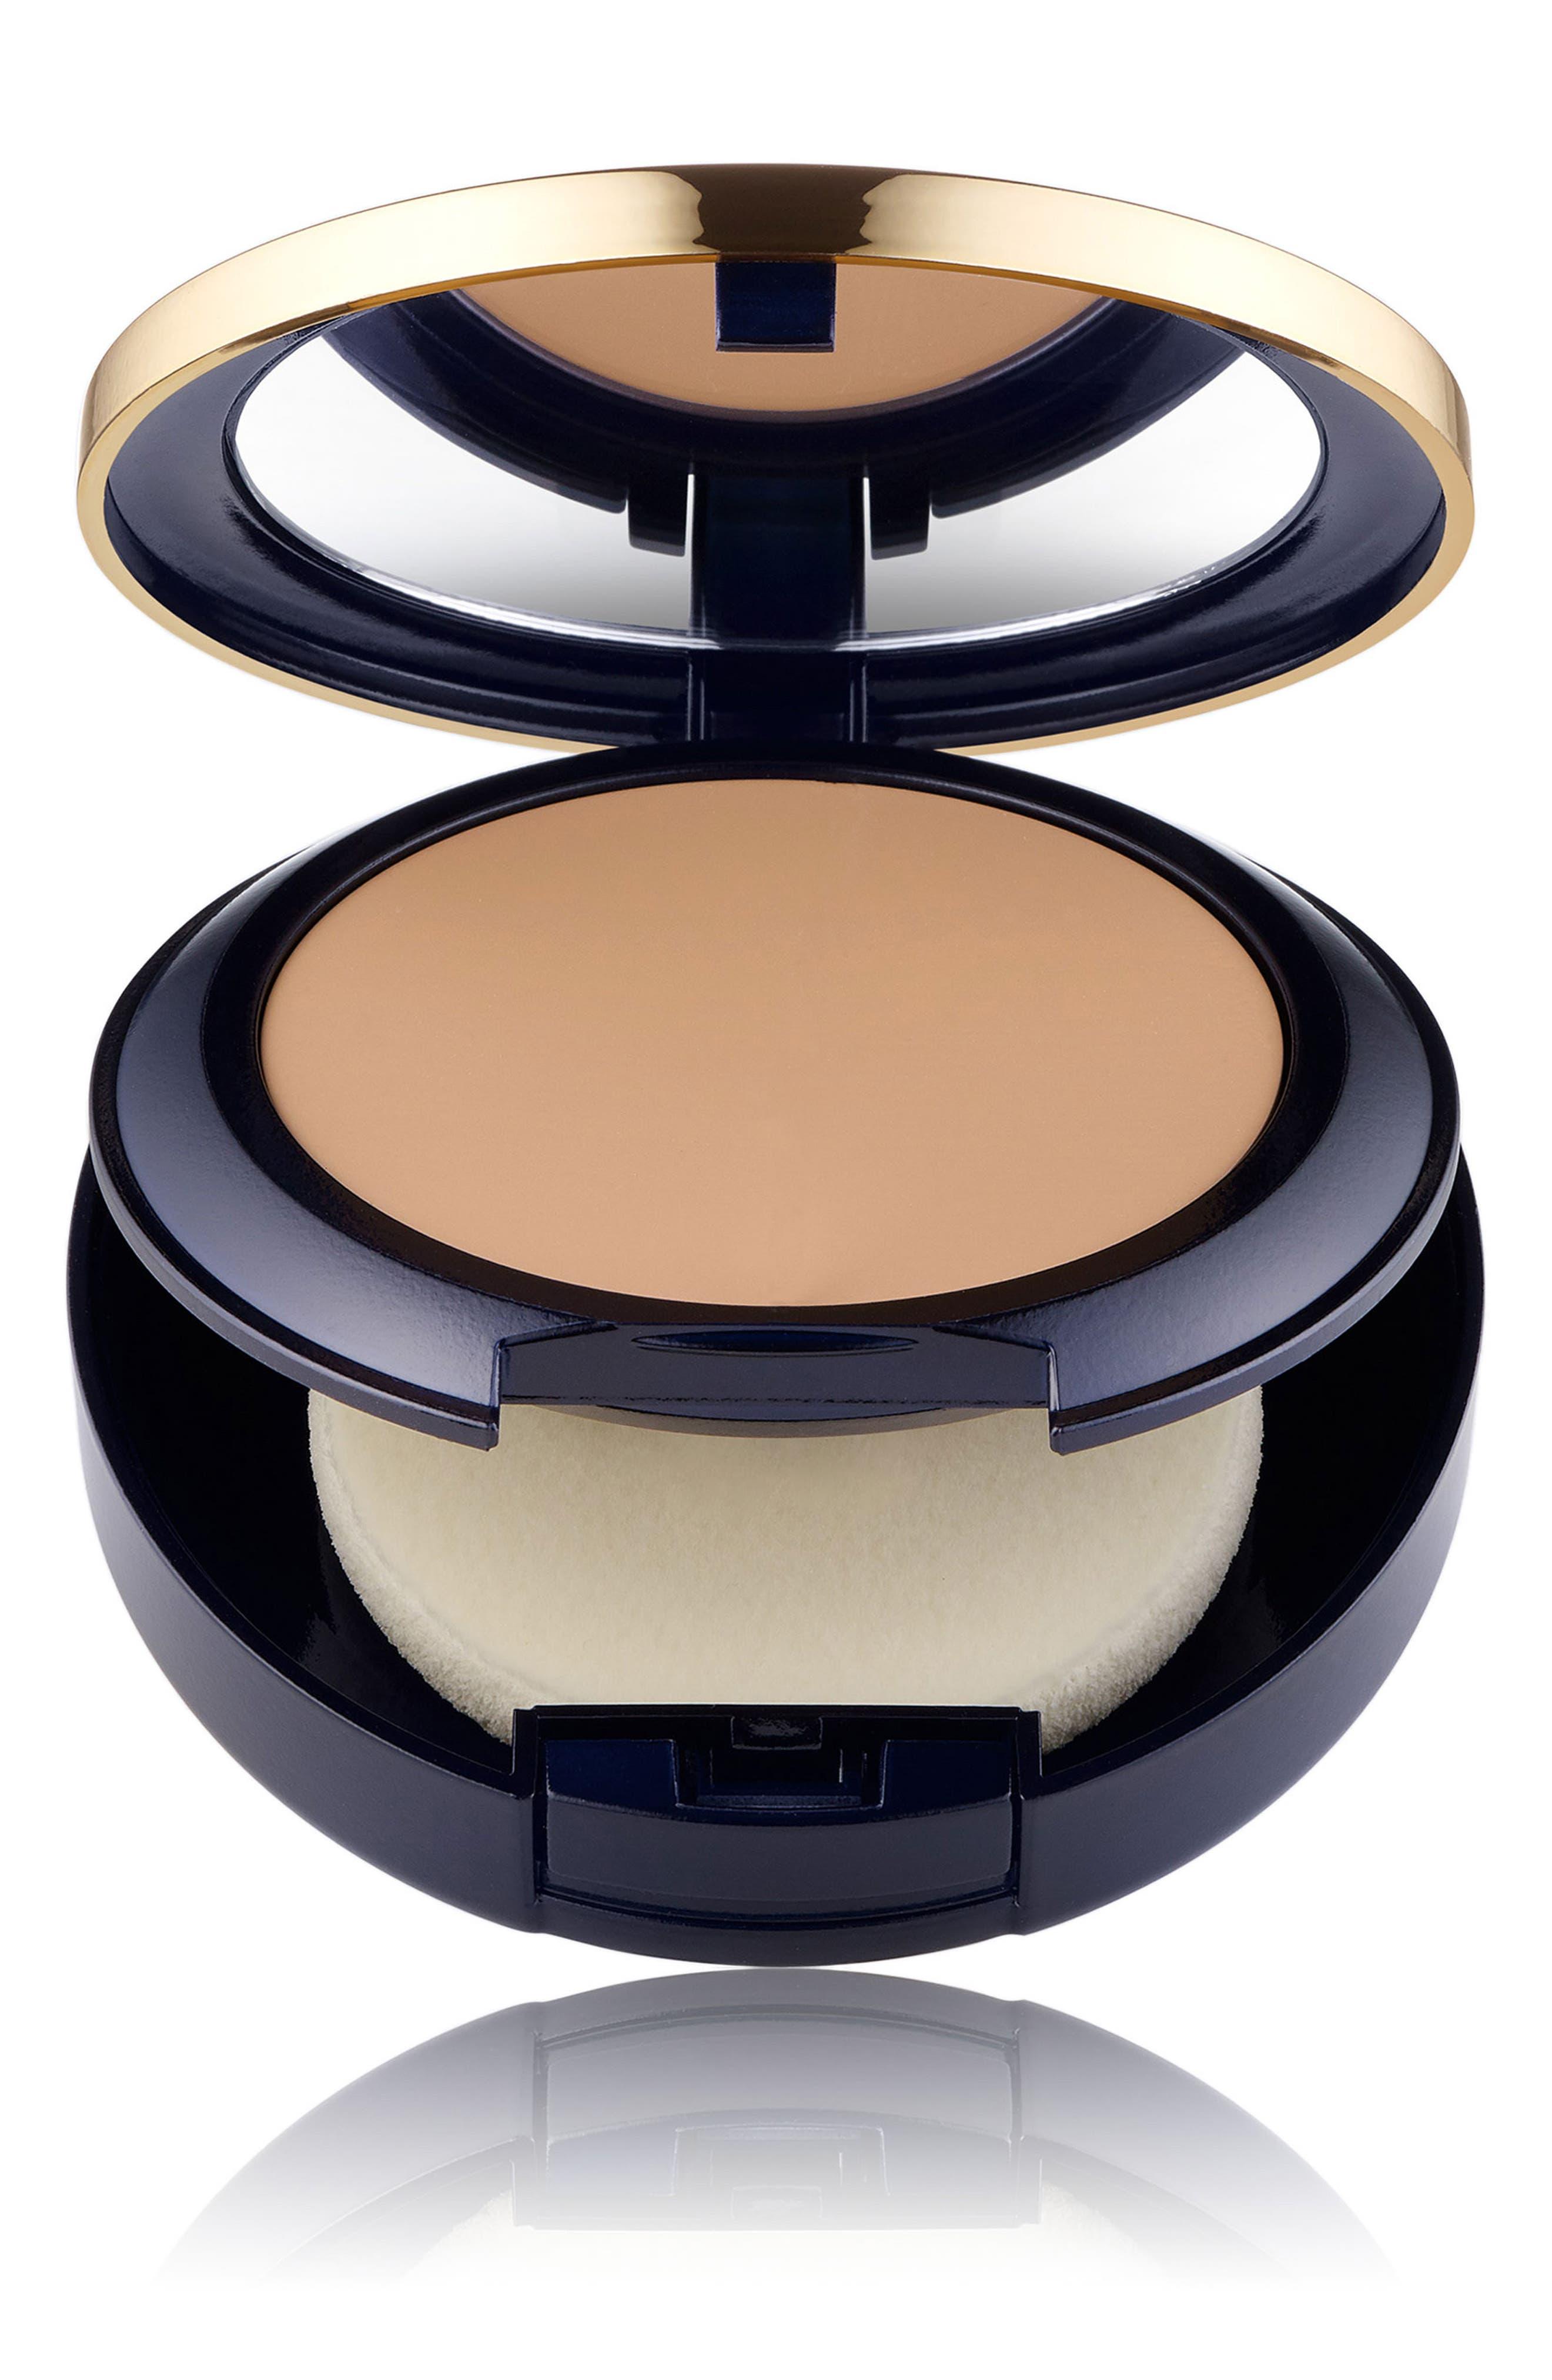 Estee Lauder Double Wear Stay In Place Matte Powder Foundation - 6N2 Truffle